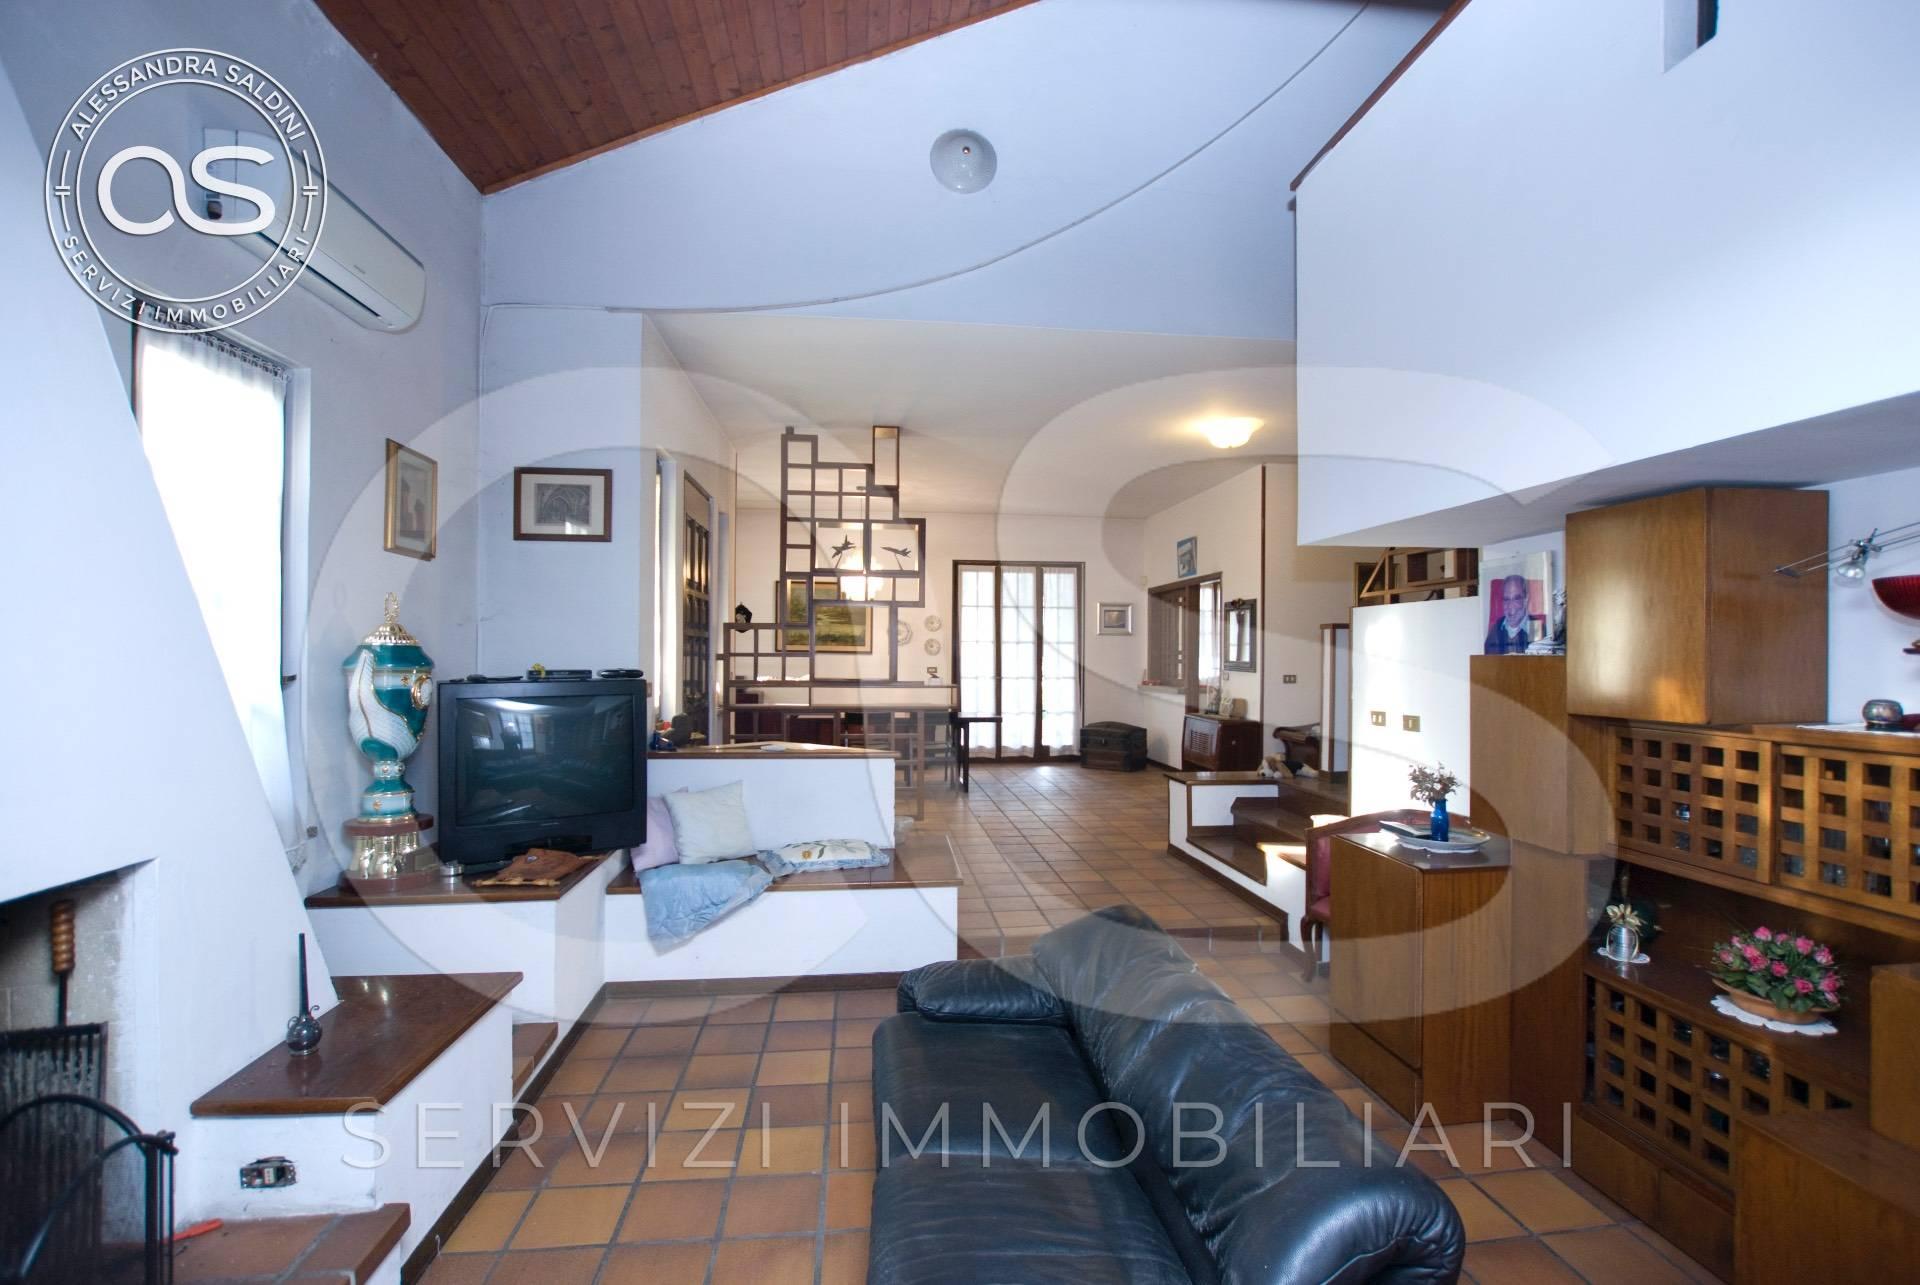 Villa in vendita a Manerbio, 8 locali, prezzo € 399.000 | PortaleAgenzieImmobiliari.it